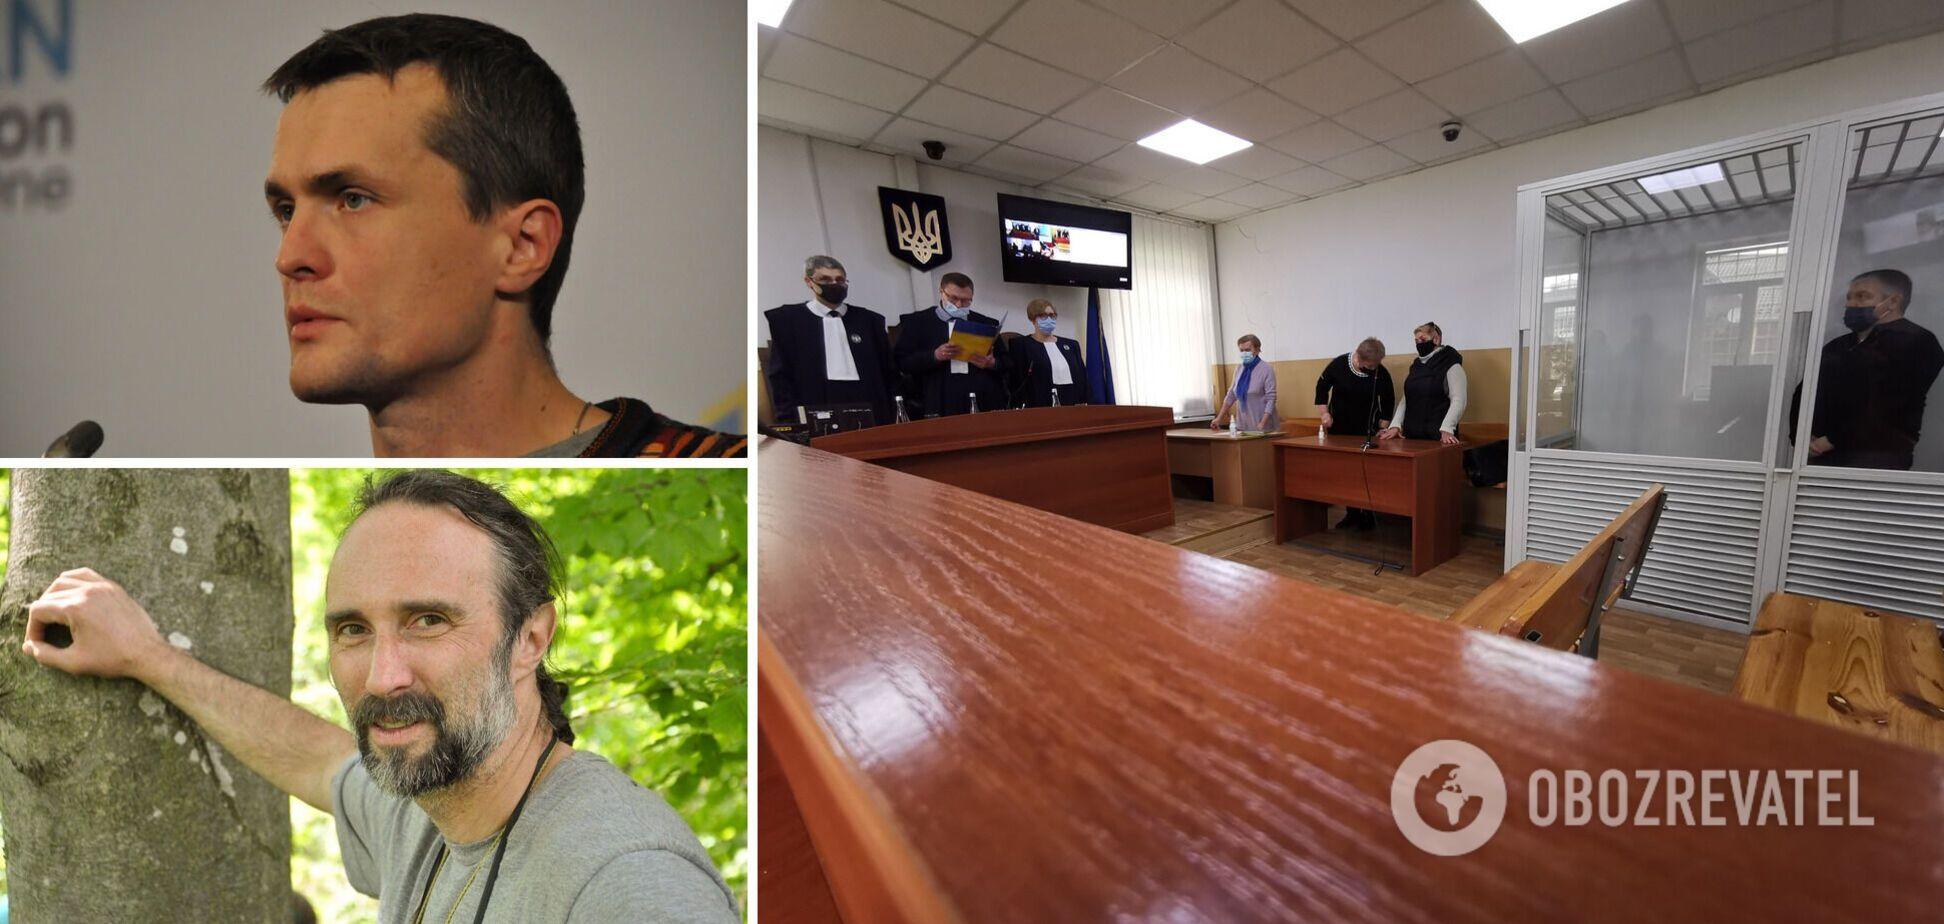 Суд вынес приговор обвиняемому в похищении и пытках майдановцев Луценко и Вербицкого